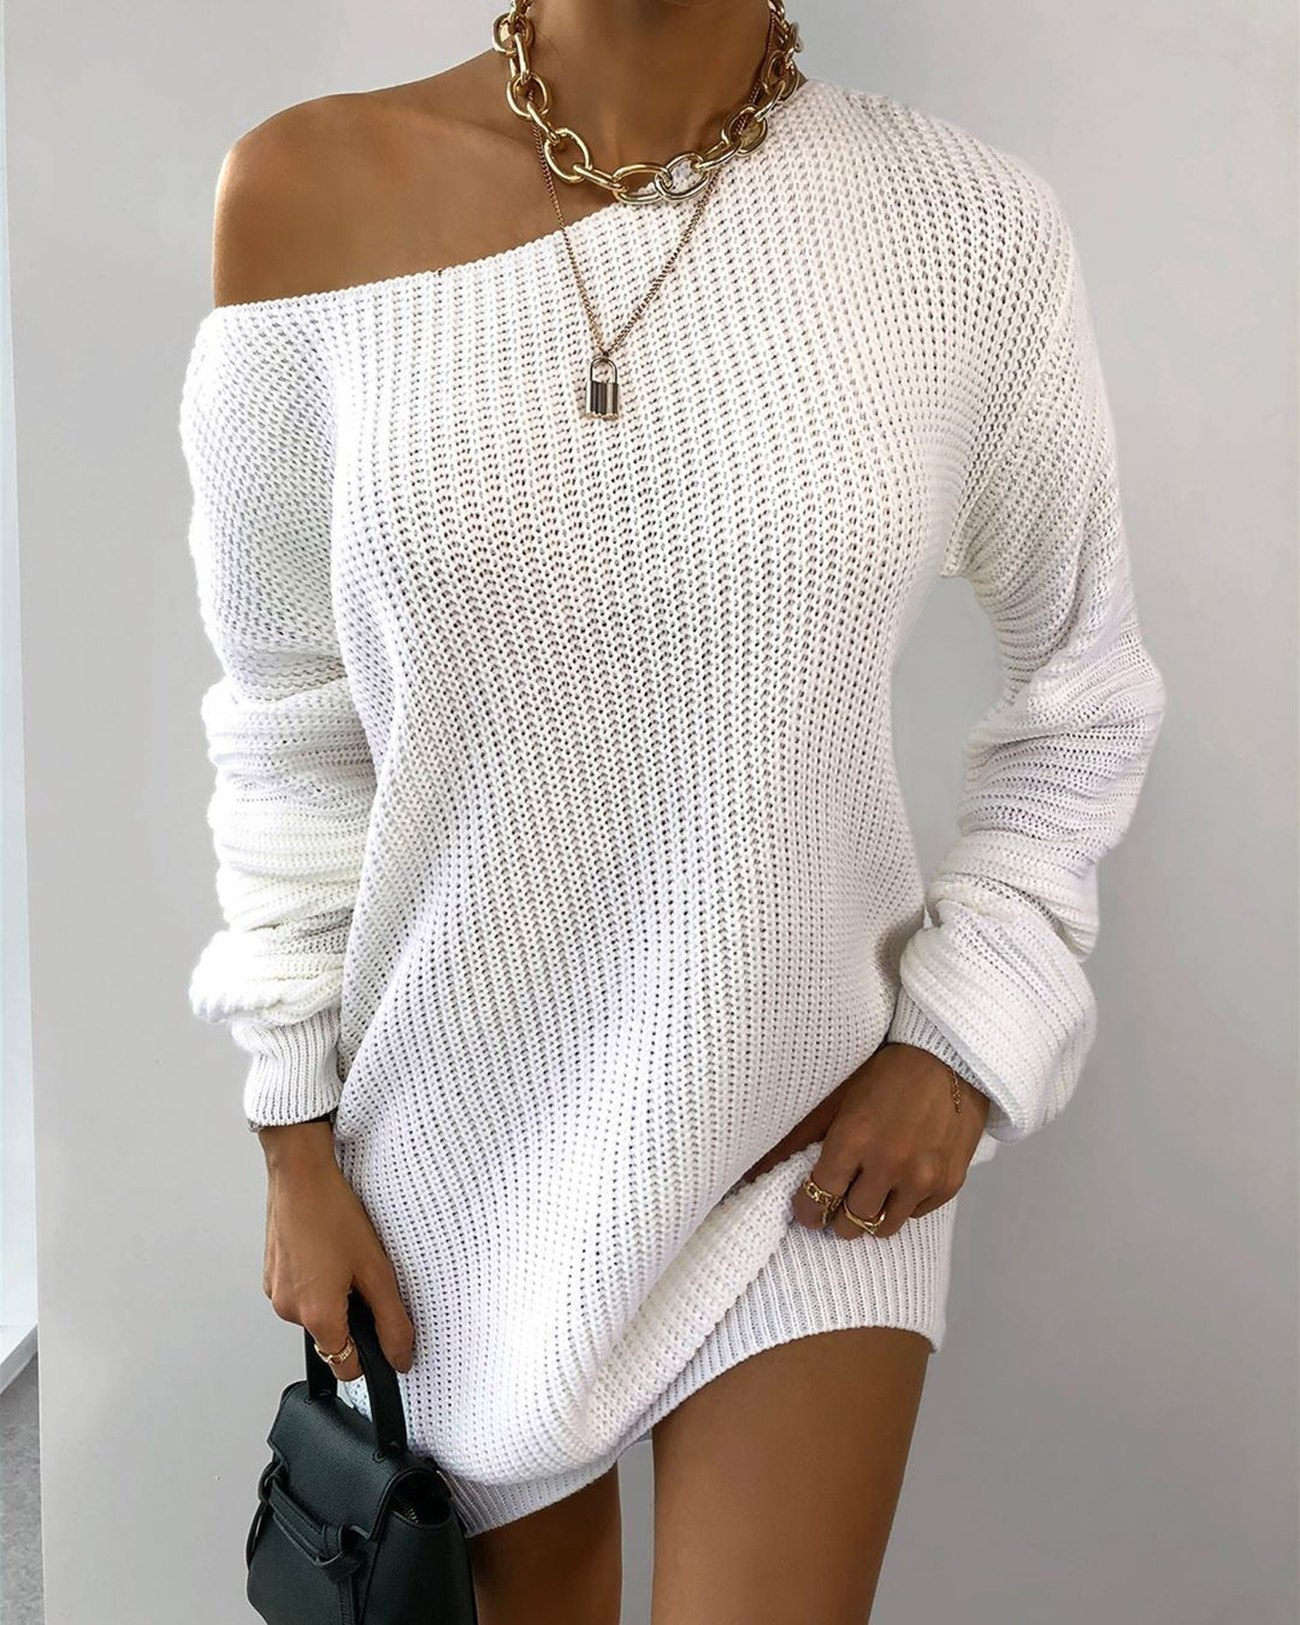 Multi-wear Lantern Sleeve Casual Sweater Dress - White S